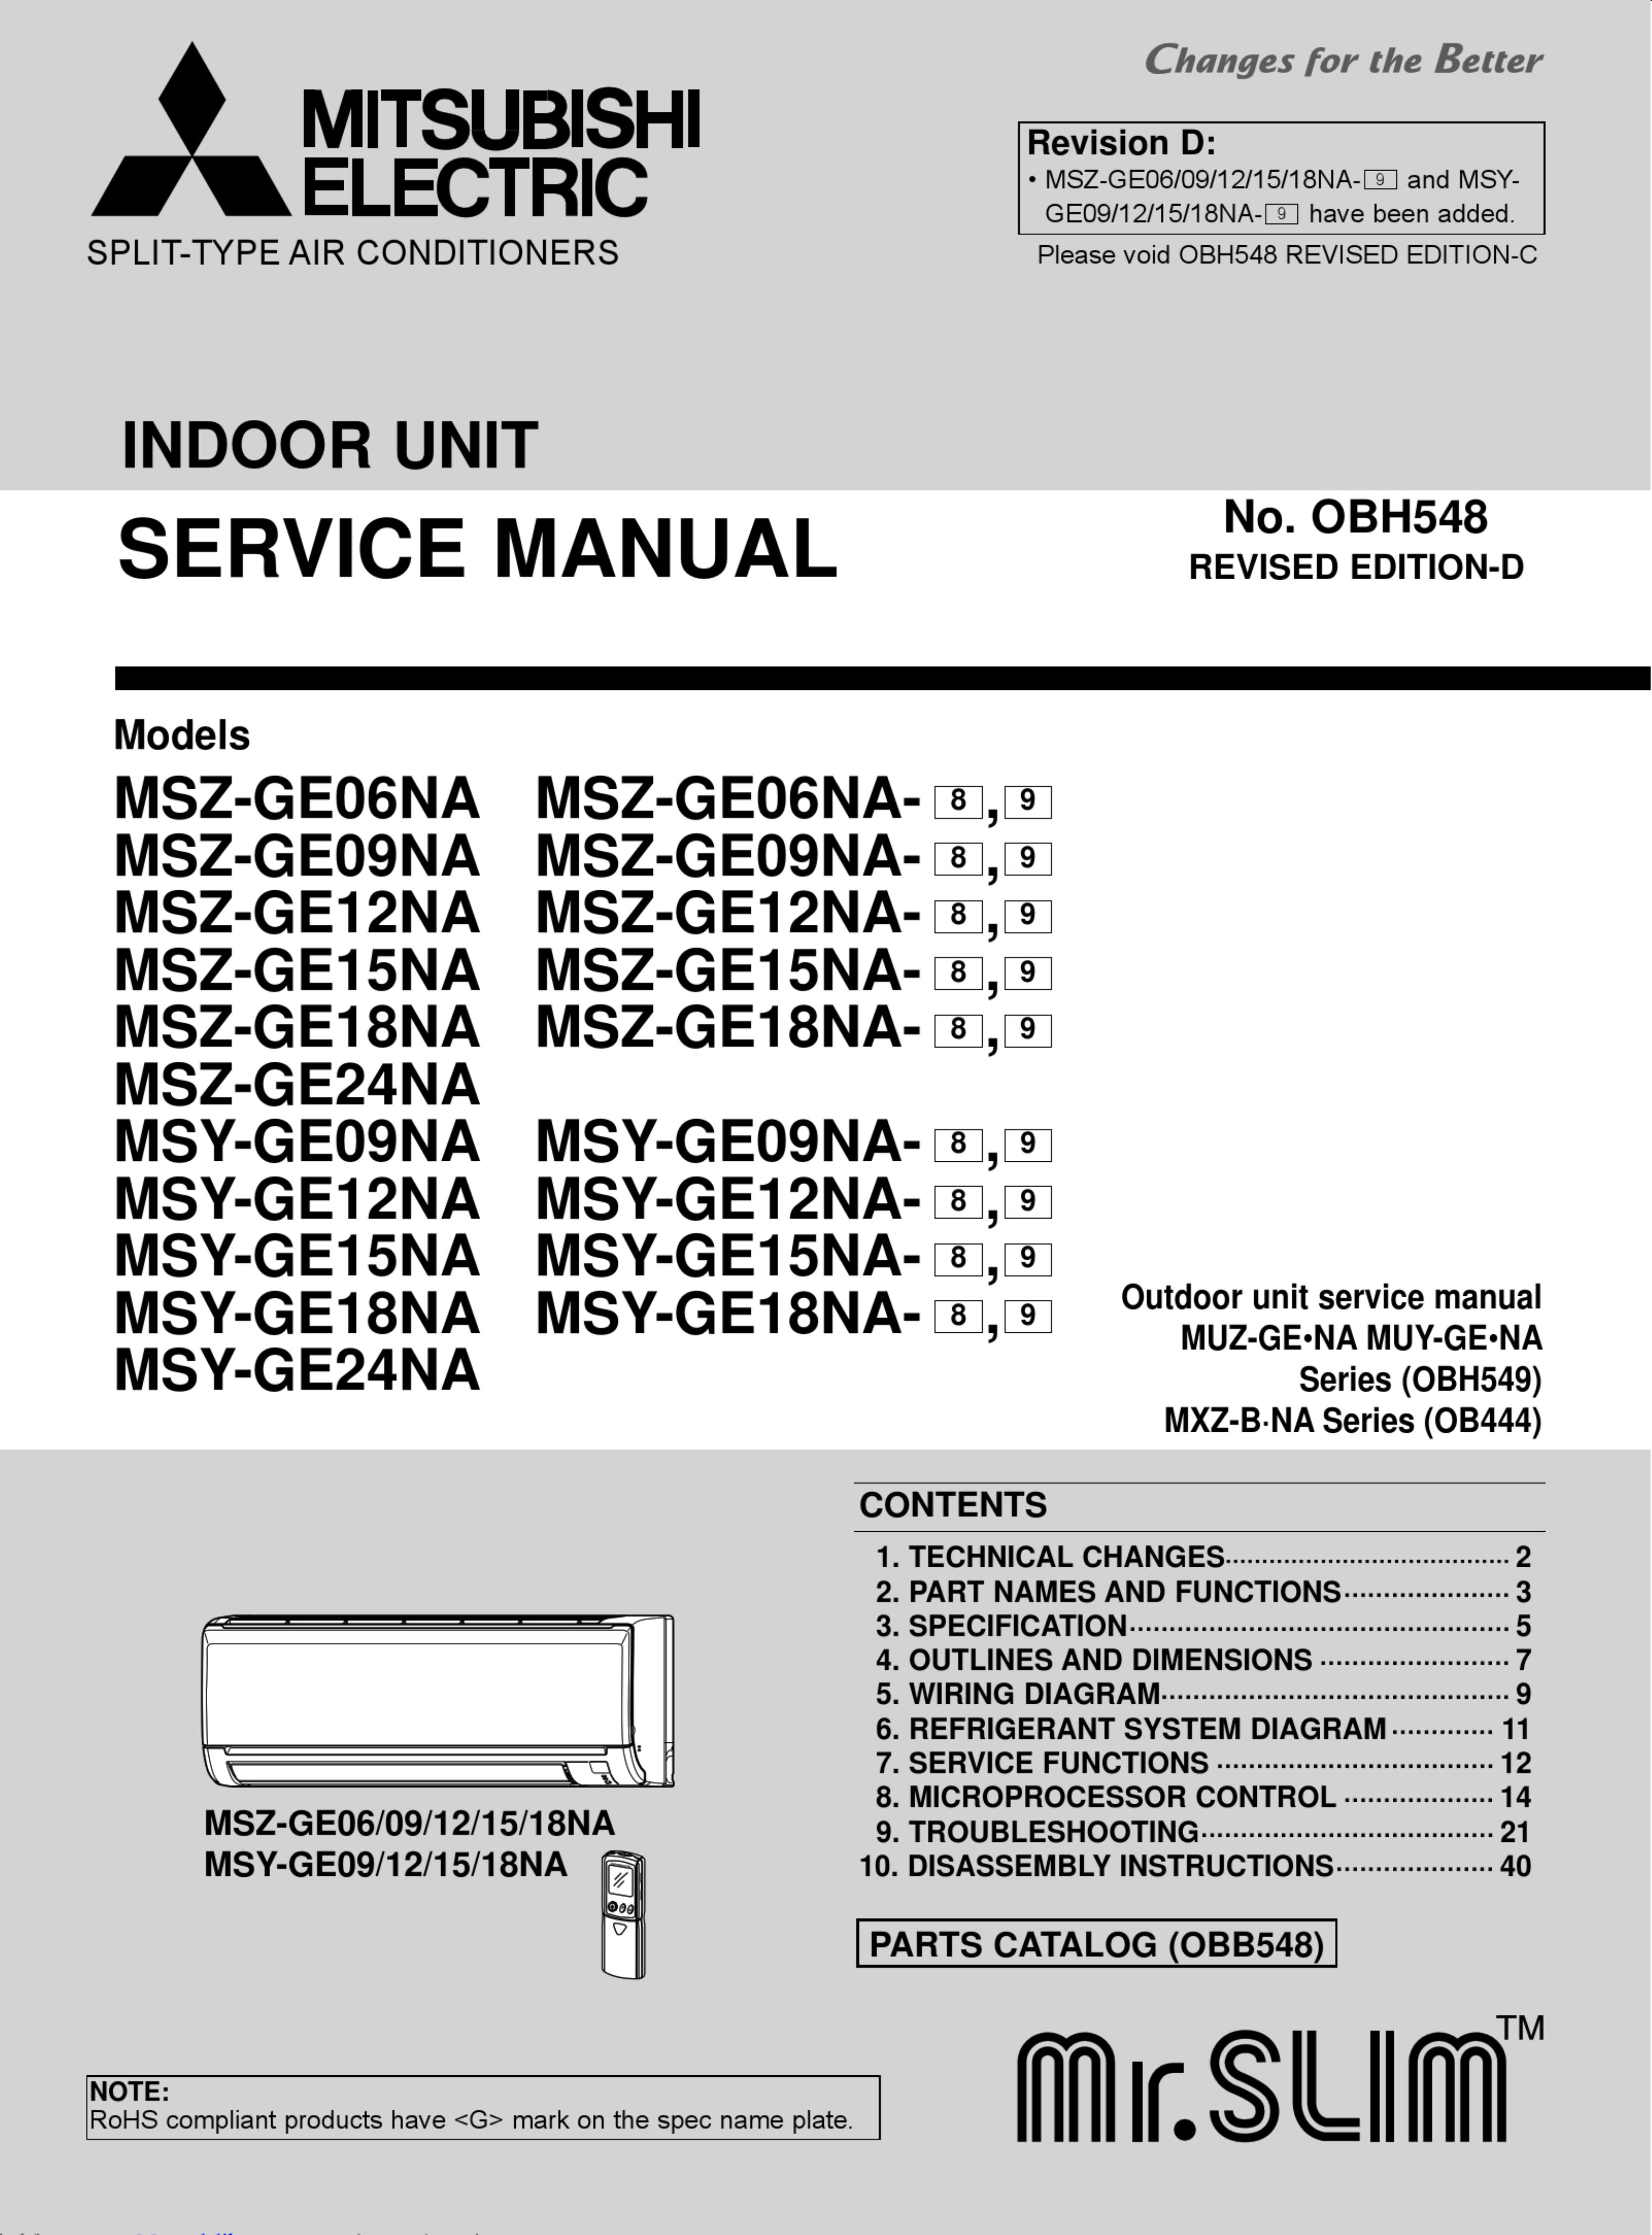 Toyota RAV4 Service Manual: Installation (200601- )